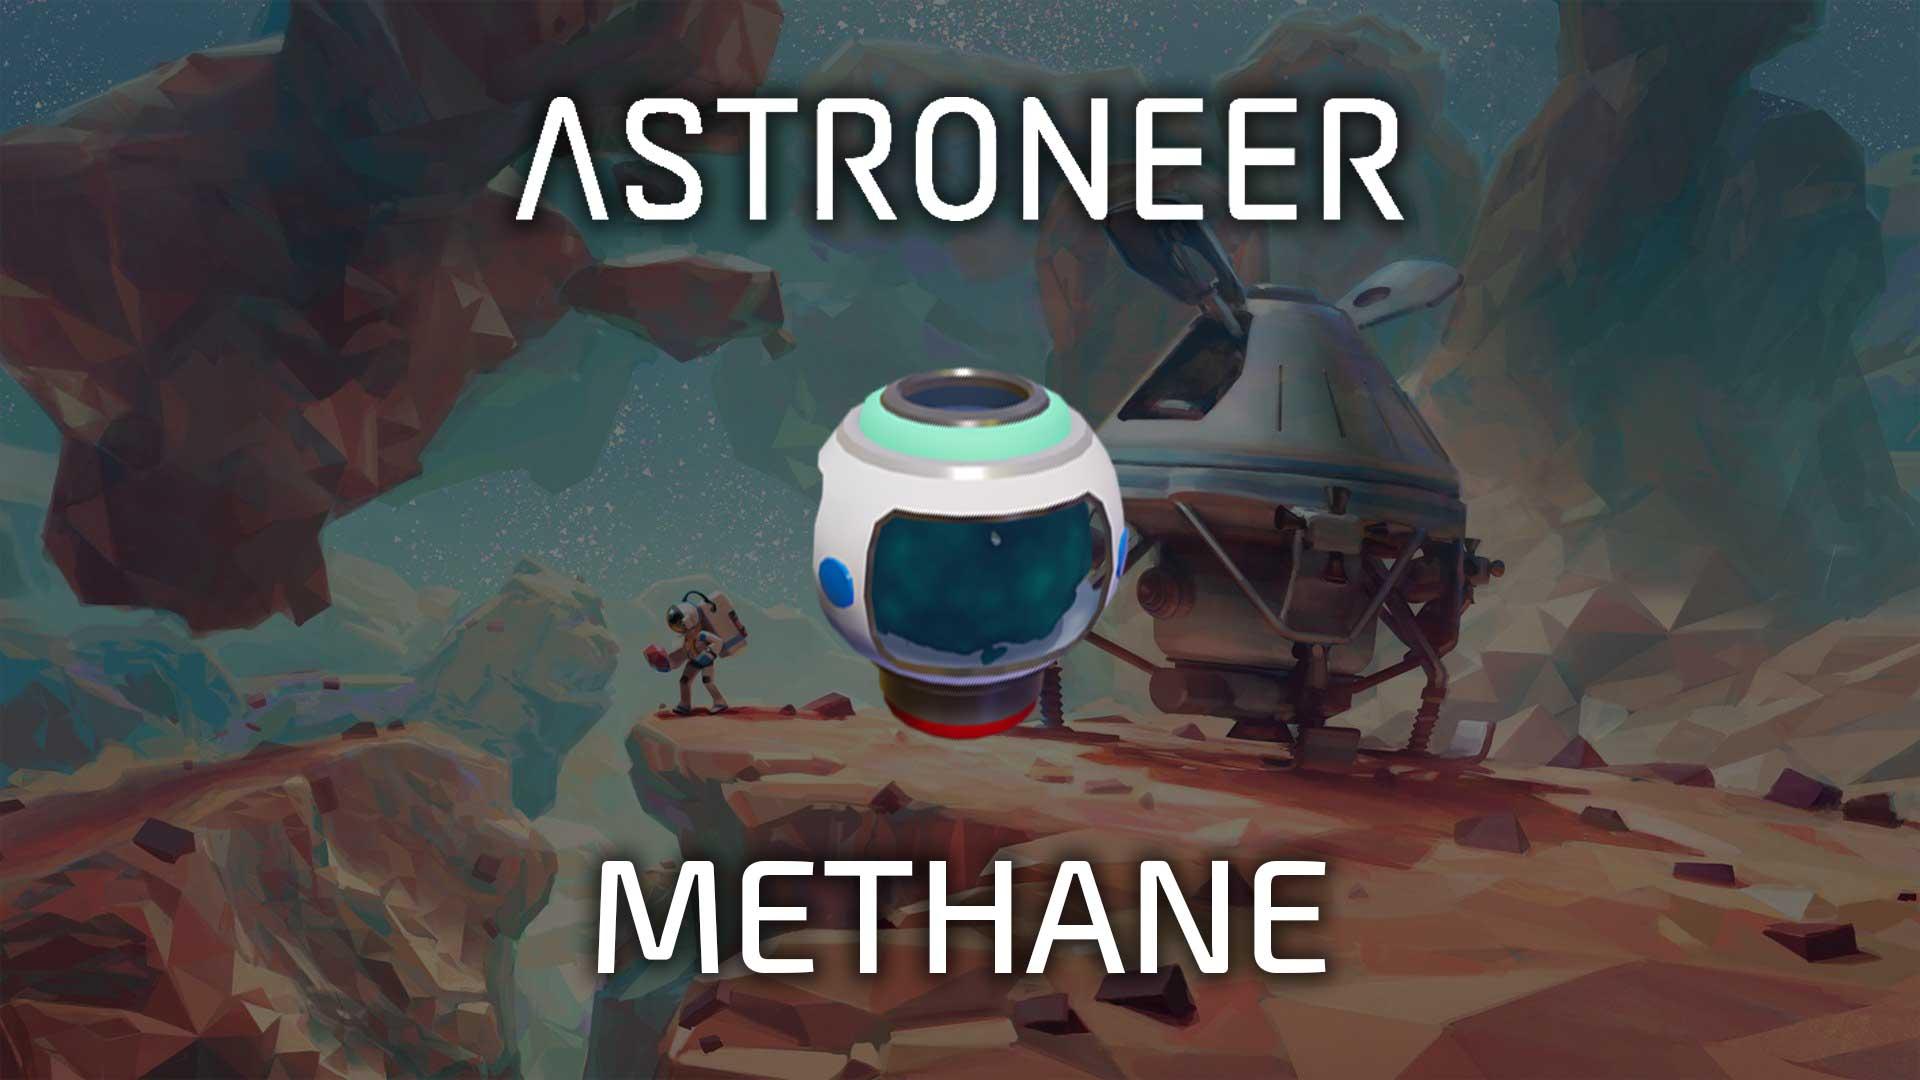 astroneer methane